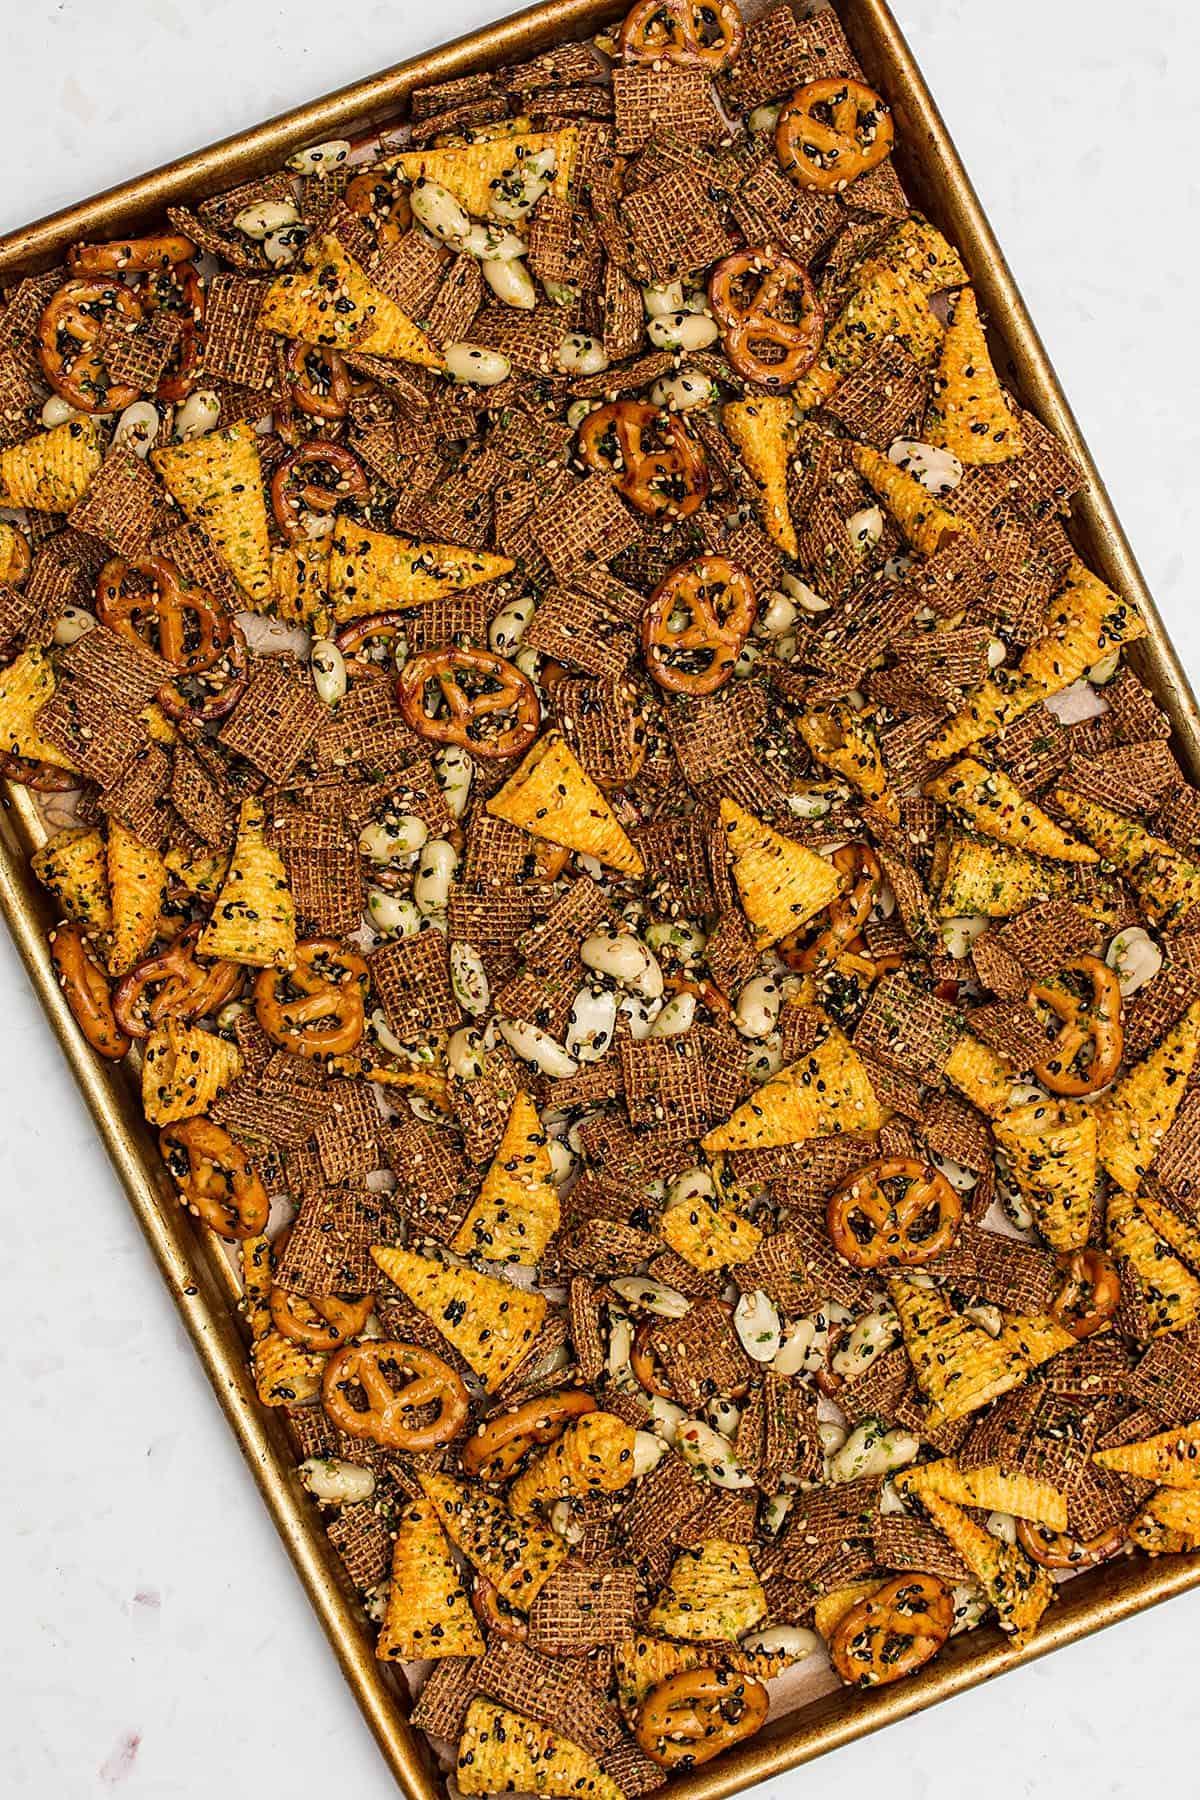 furikaki chex mix on baking tray